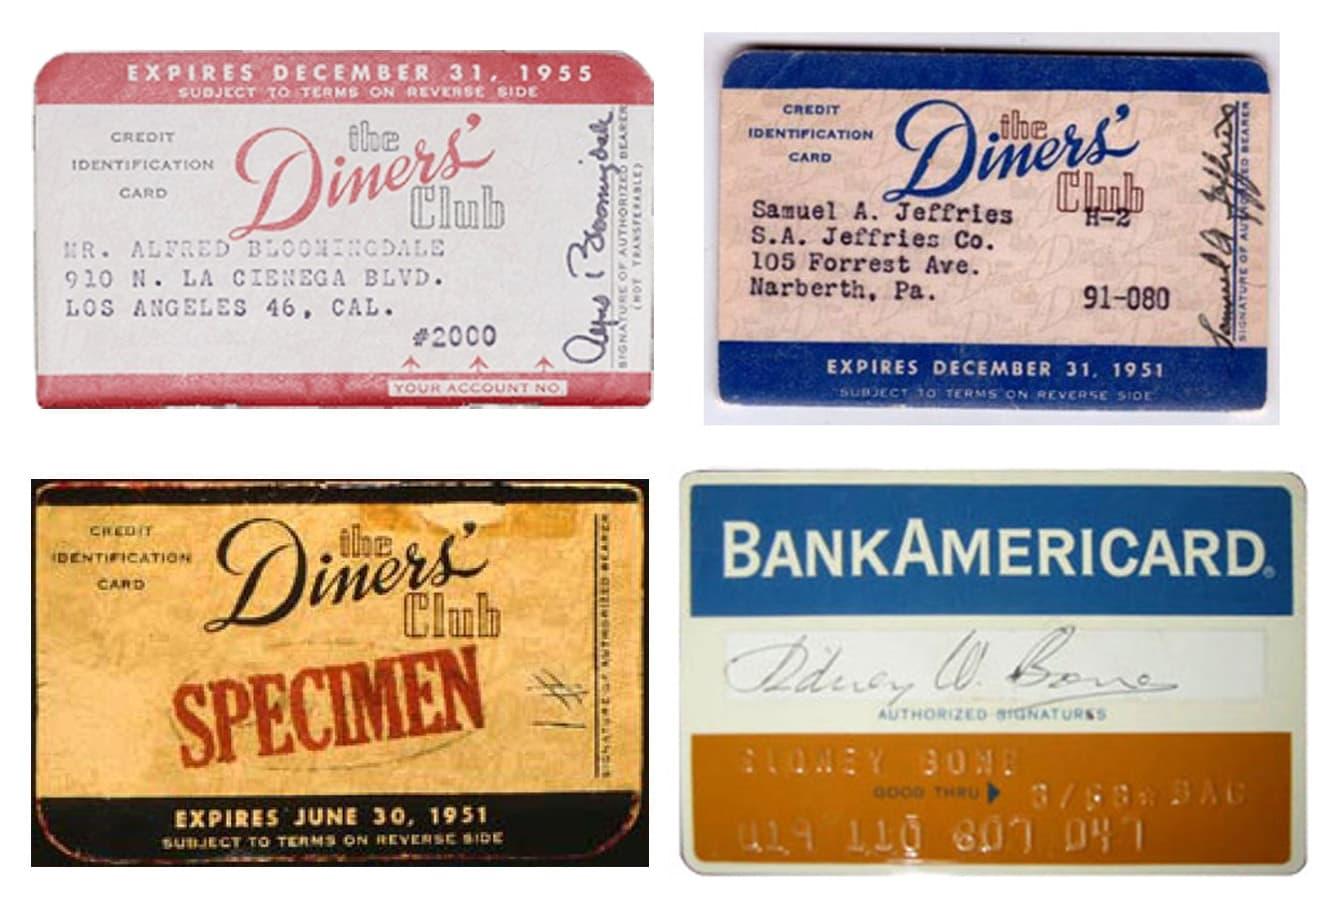 Карты Diners Club и первая карта BankAmericard